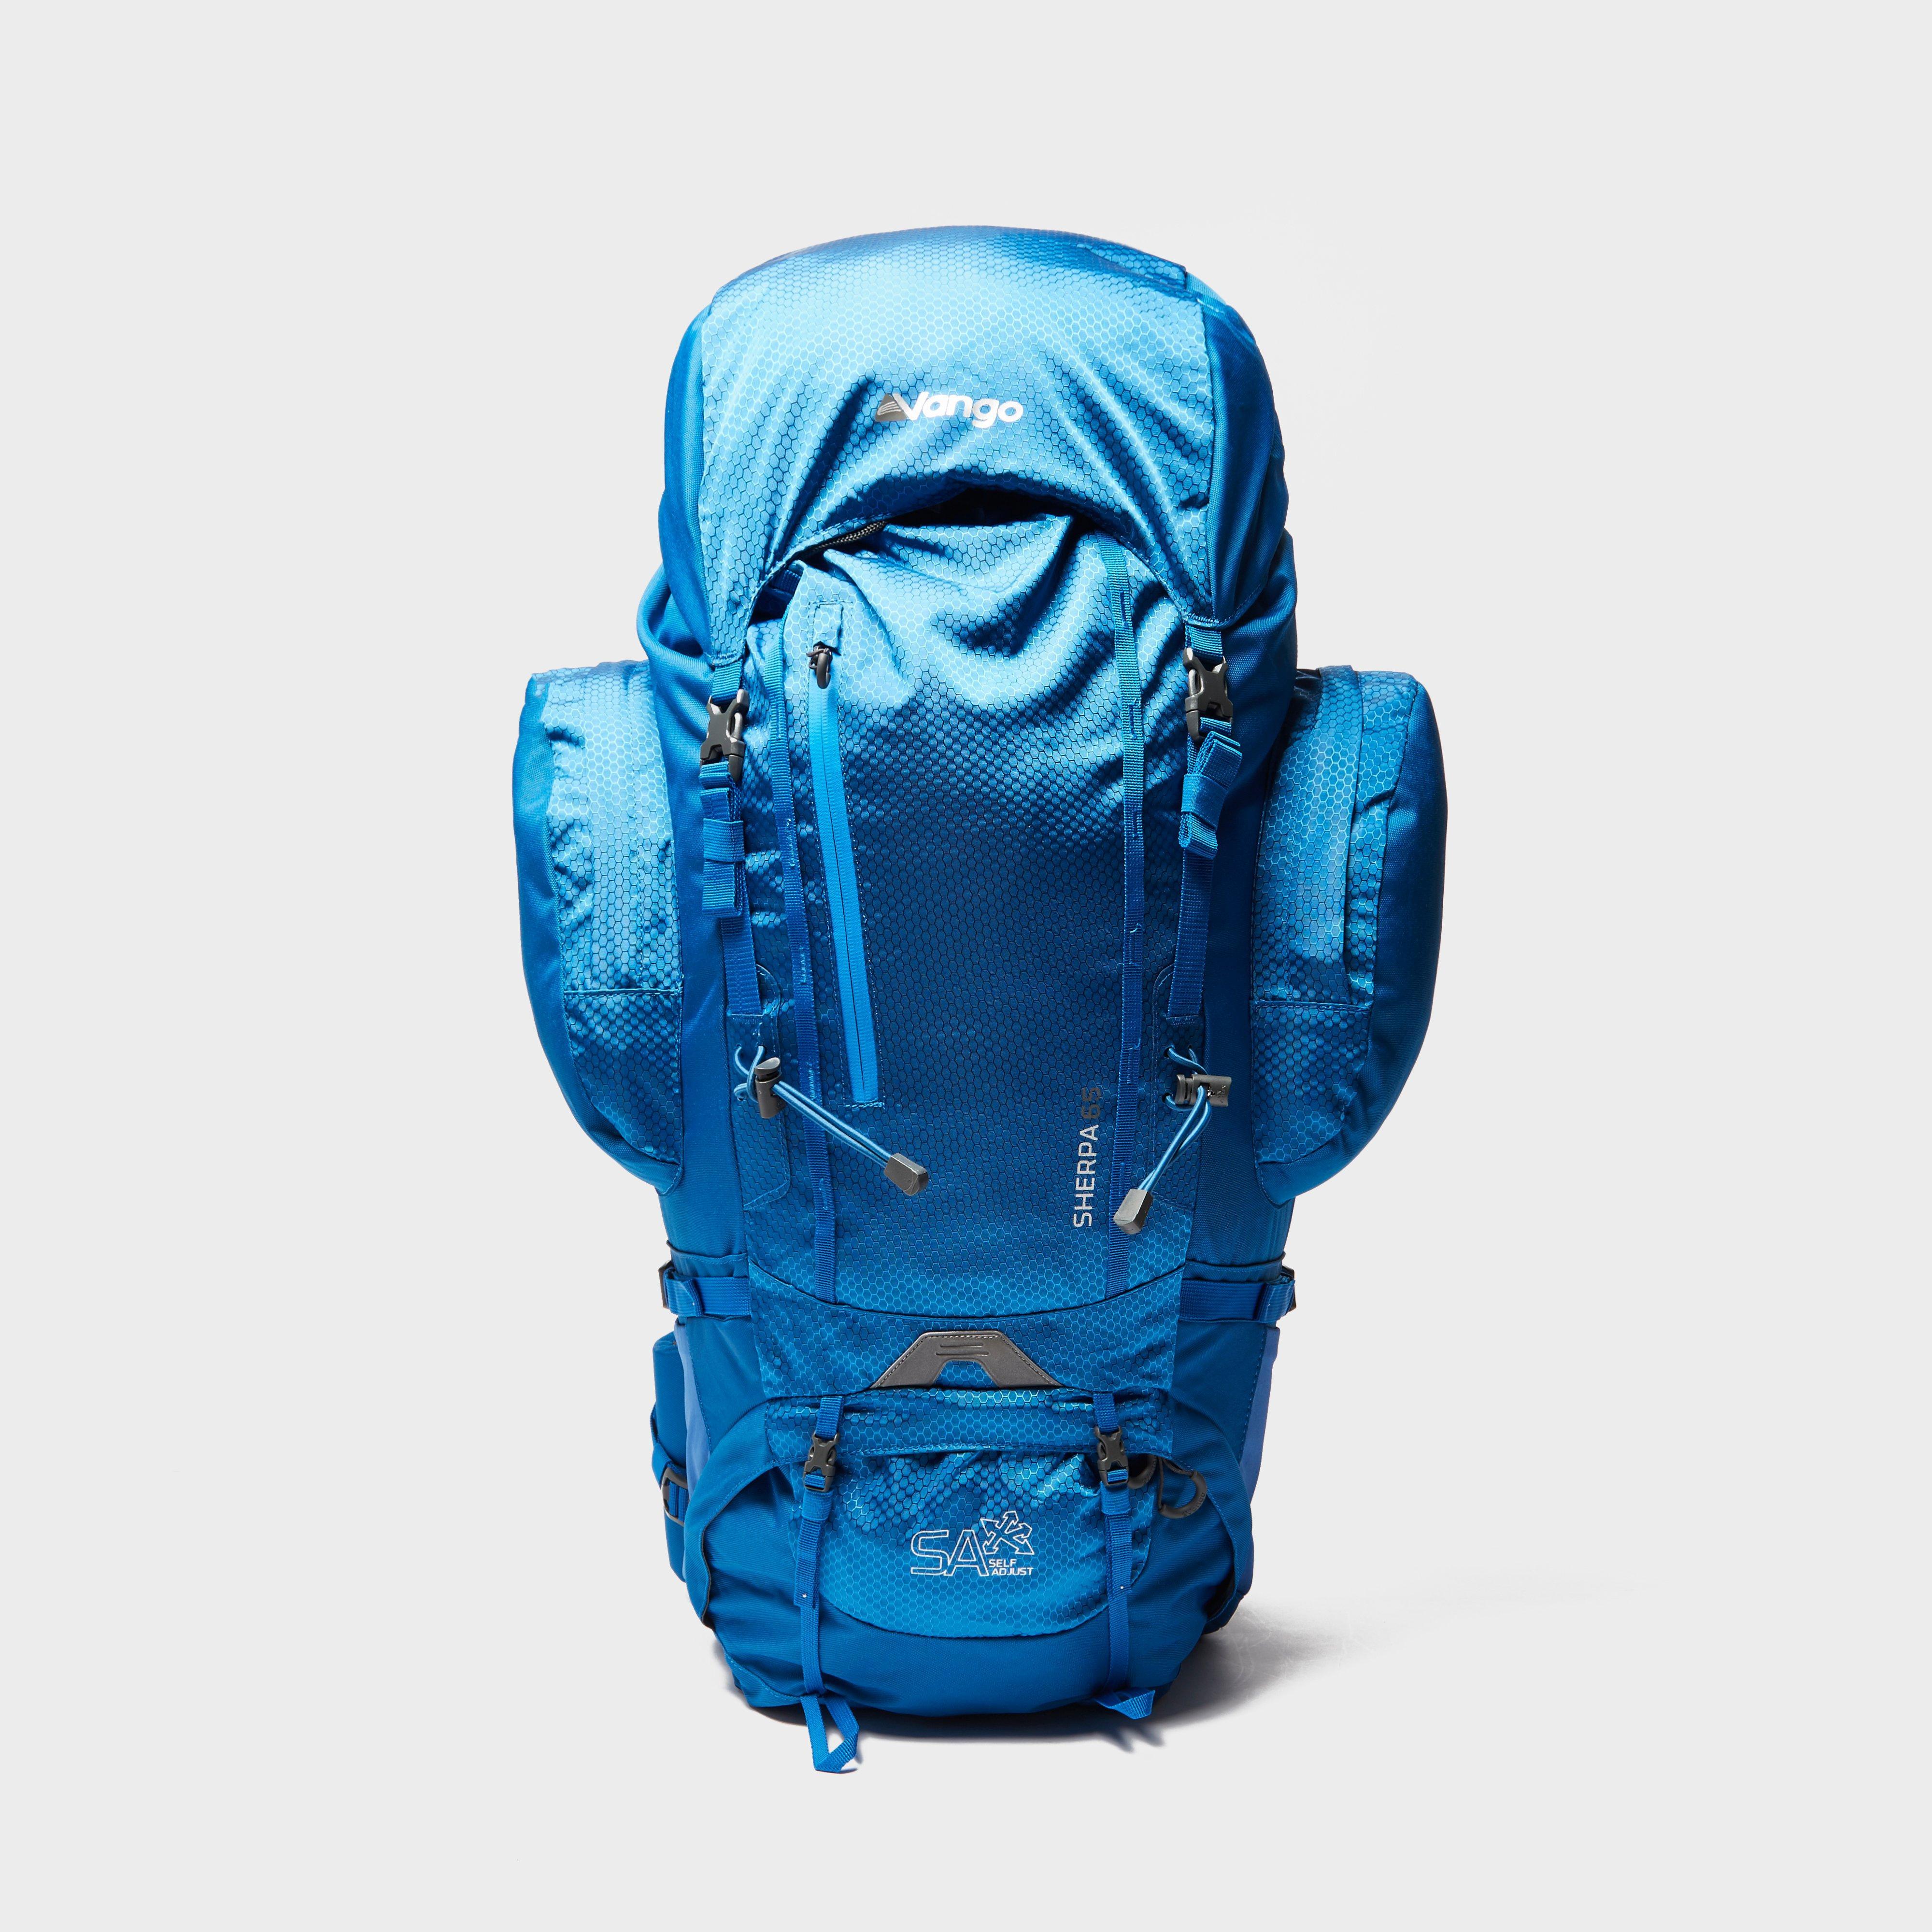 Vango Vango Sherpa 65L Backpack - Blue, Blue